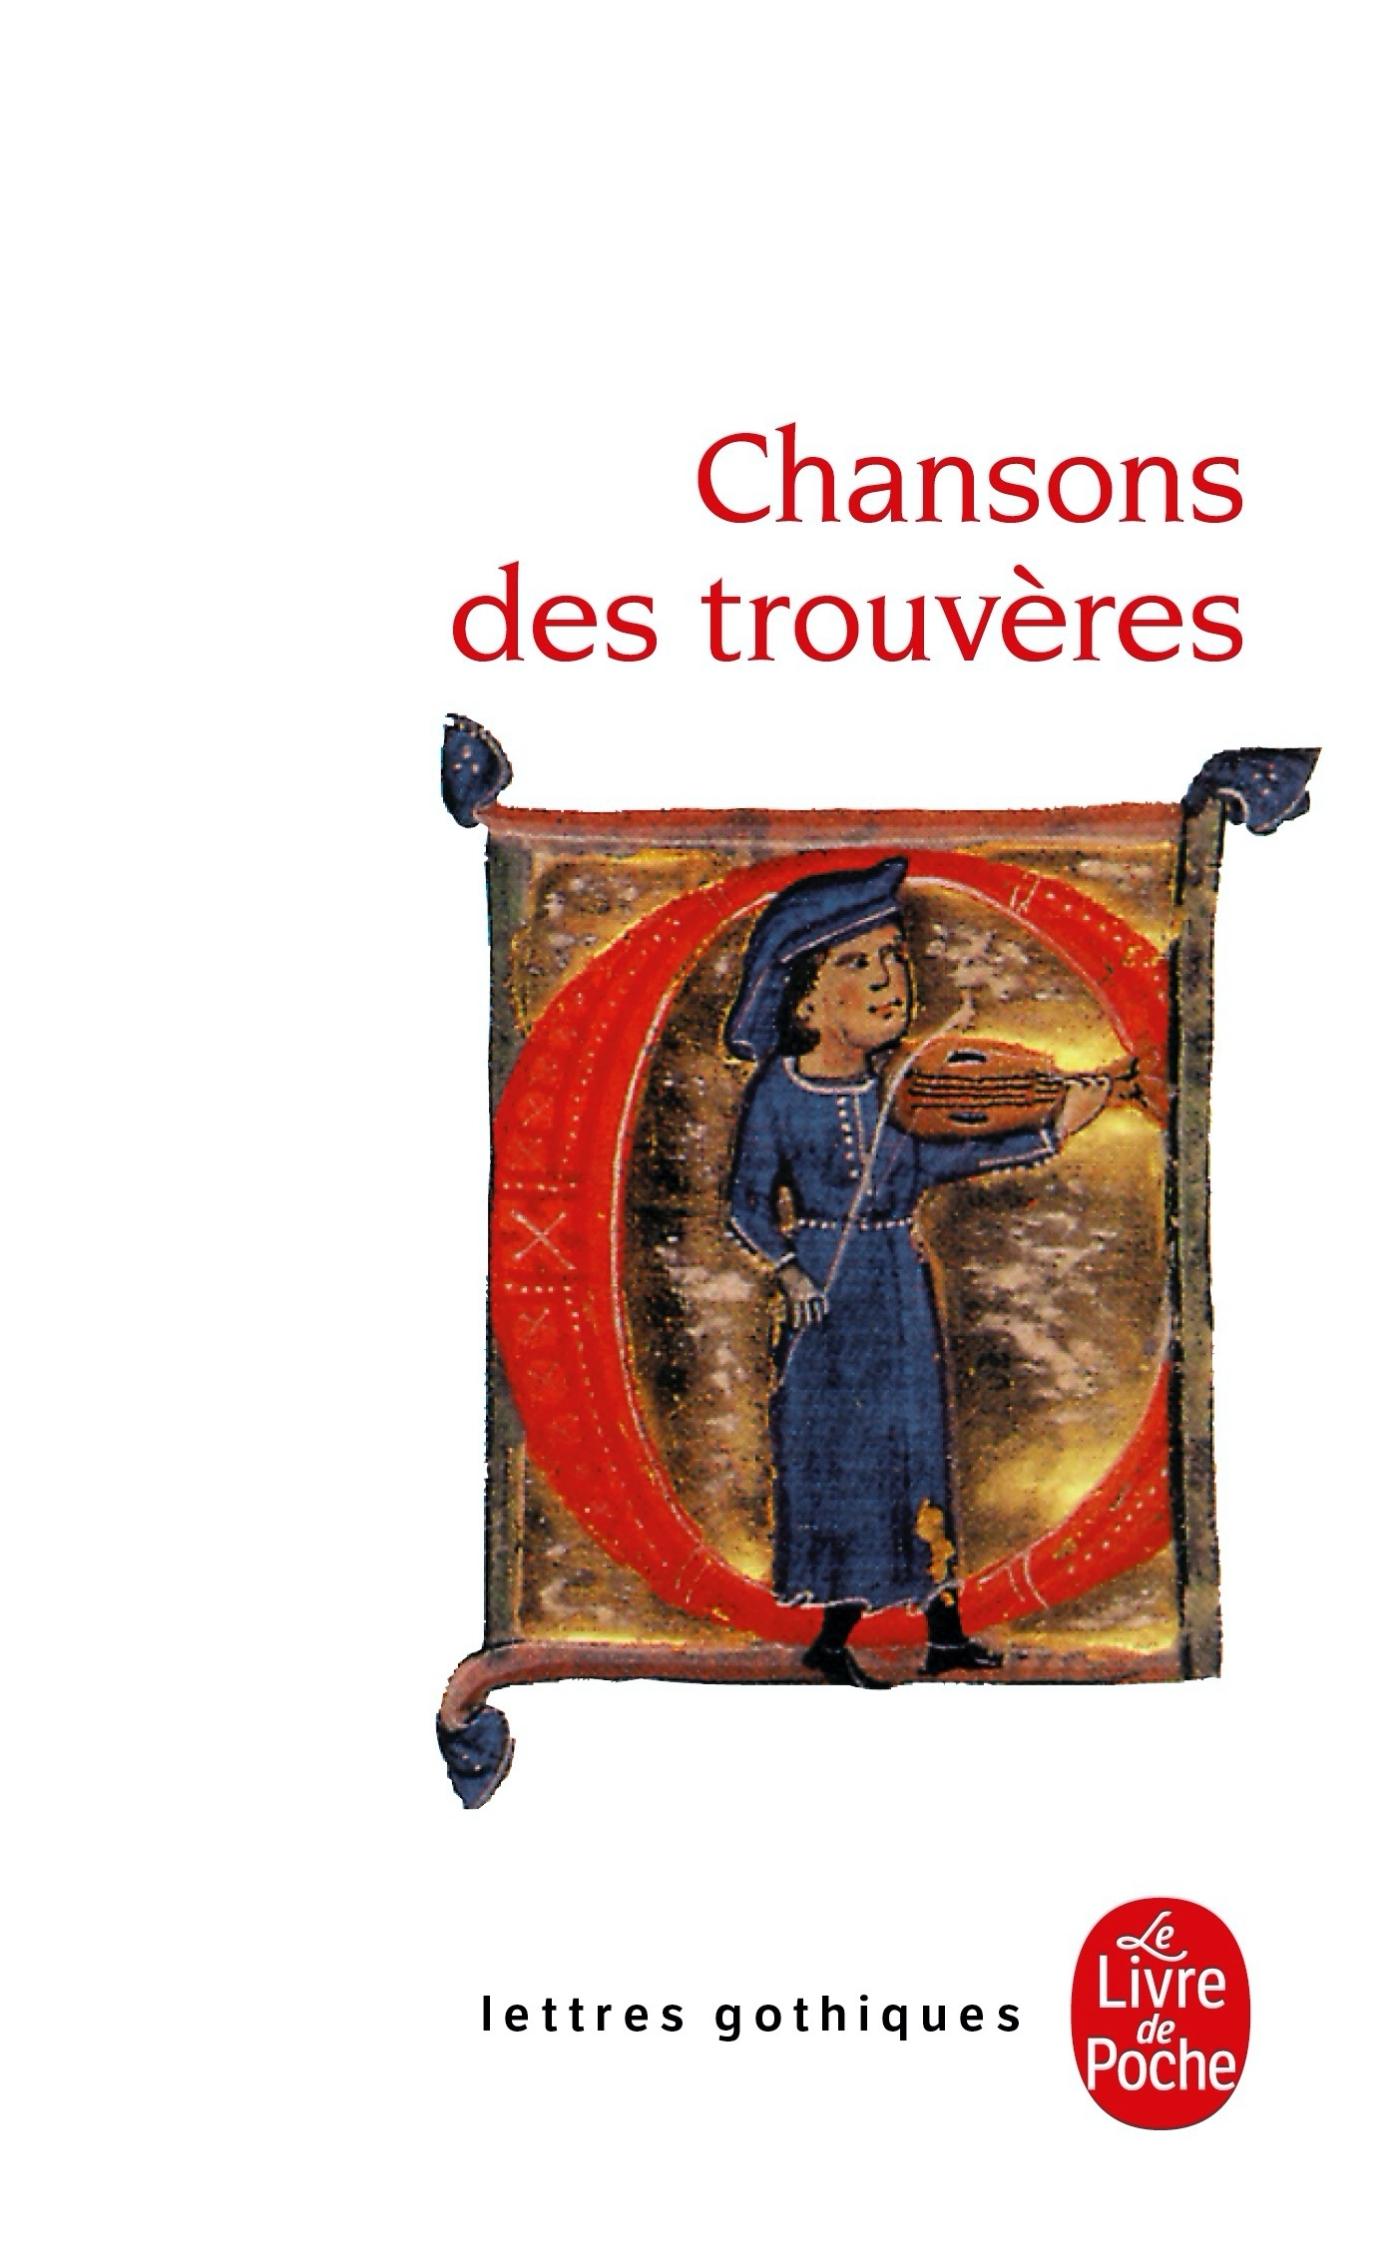 CHANSONS DES TROUVERES